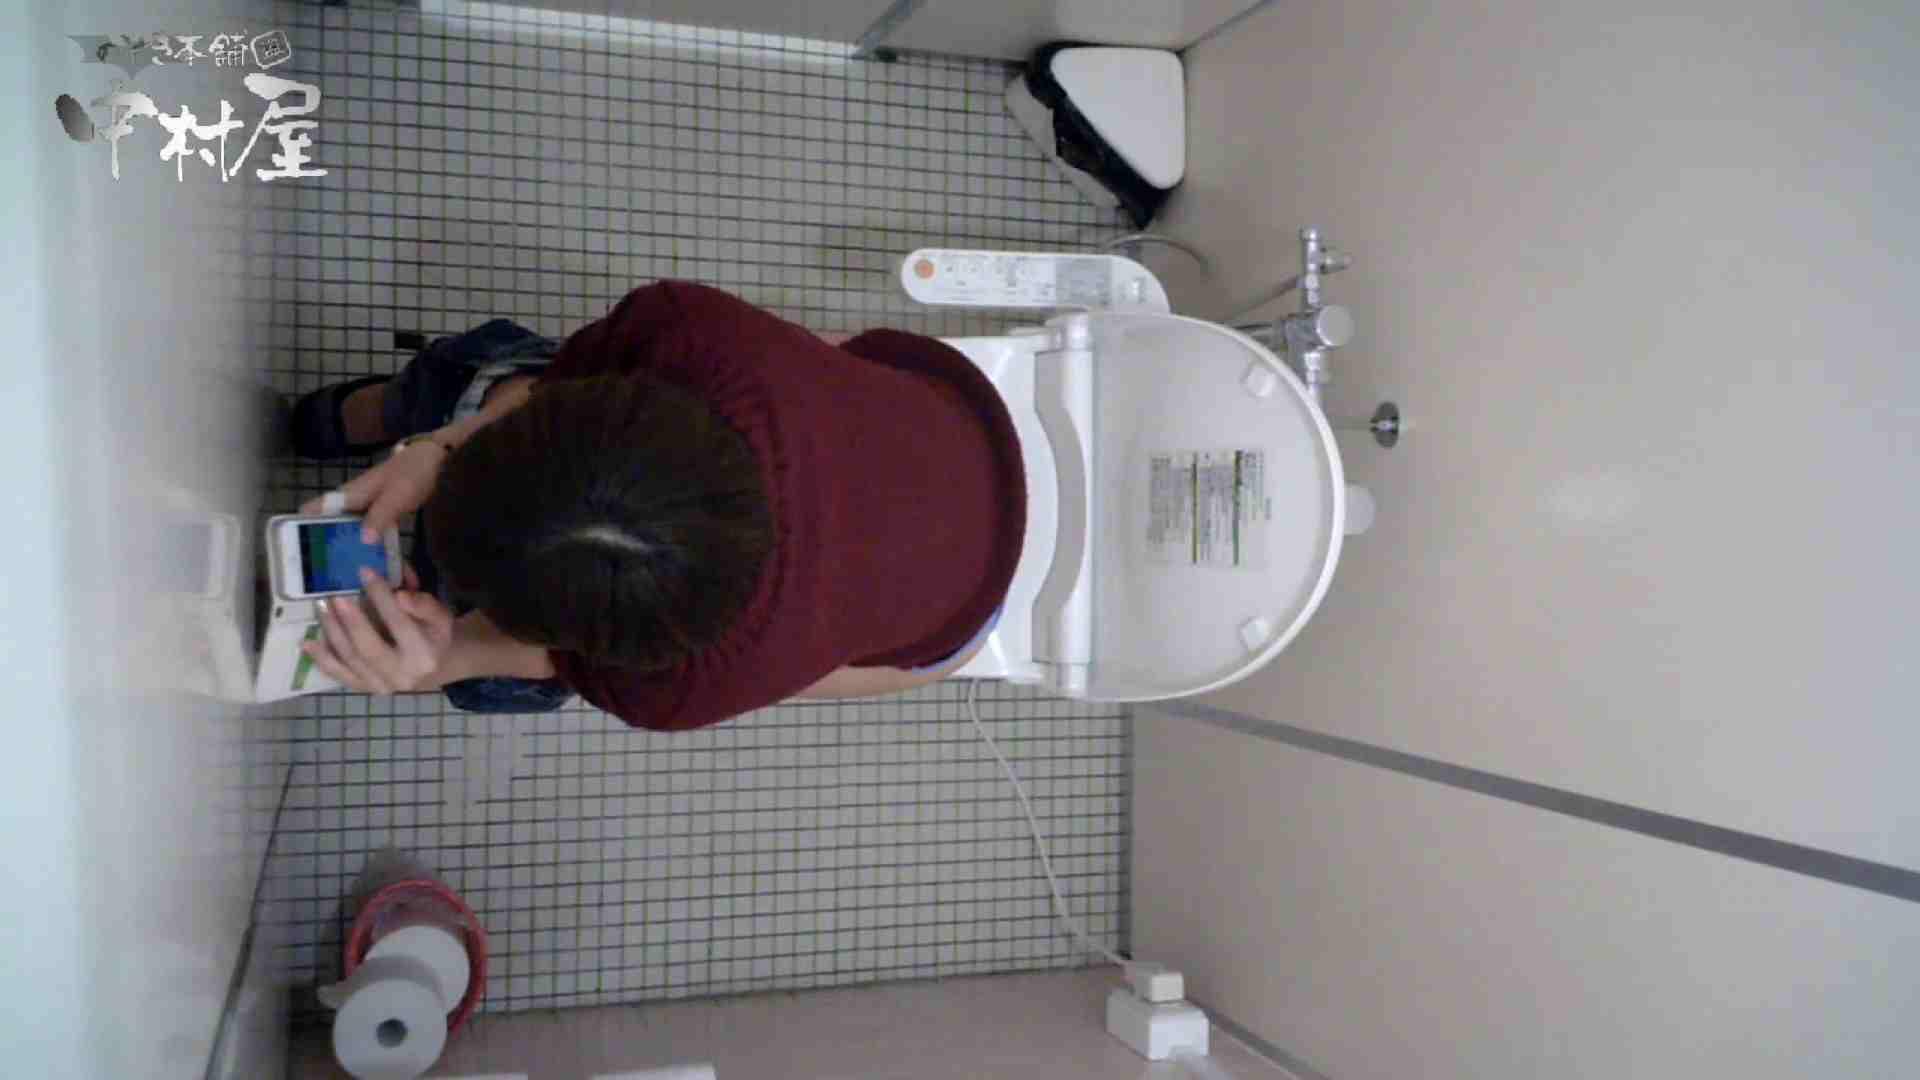 有名大学女性洗面所 Vol.52 ストッキングの最後の「くいっ!」がたまりません 投稿 AV無料動画キャプチャ 83pic 74